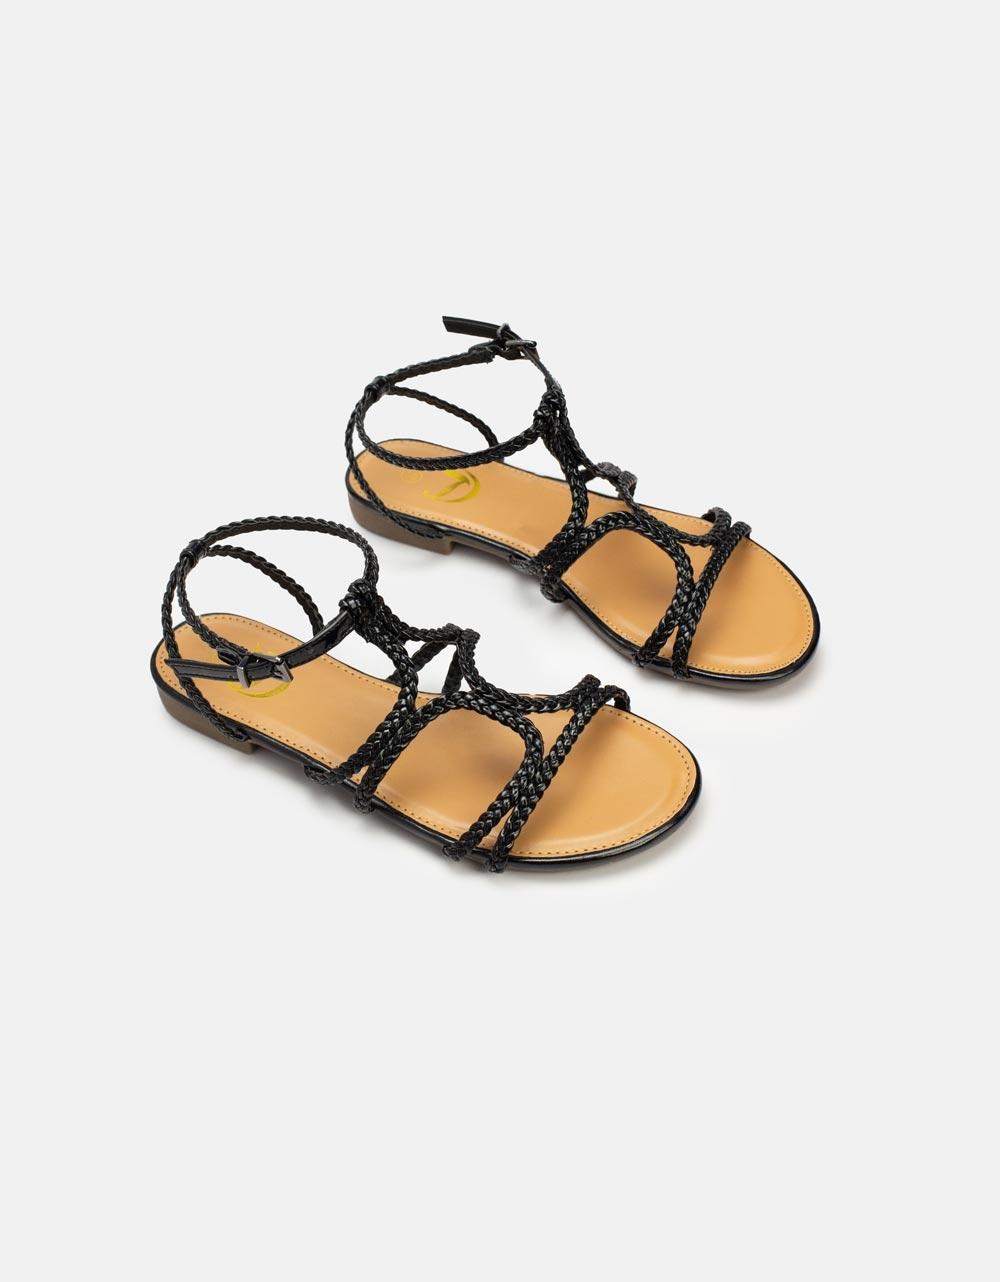 Εικόνα από Γυναικεία σανδάλια με λουριά από πλεξούδες Μαύρο